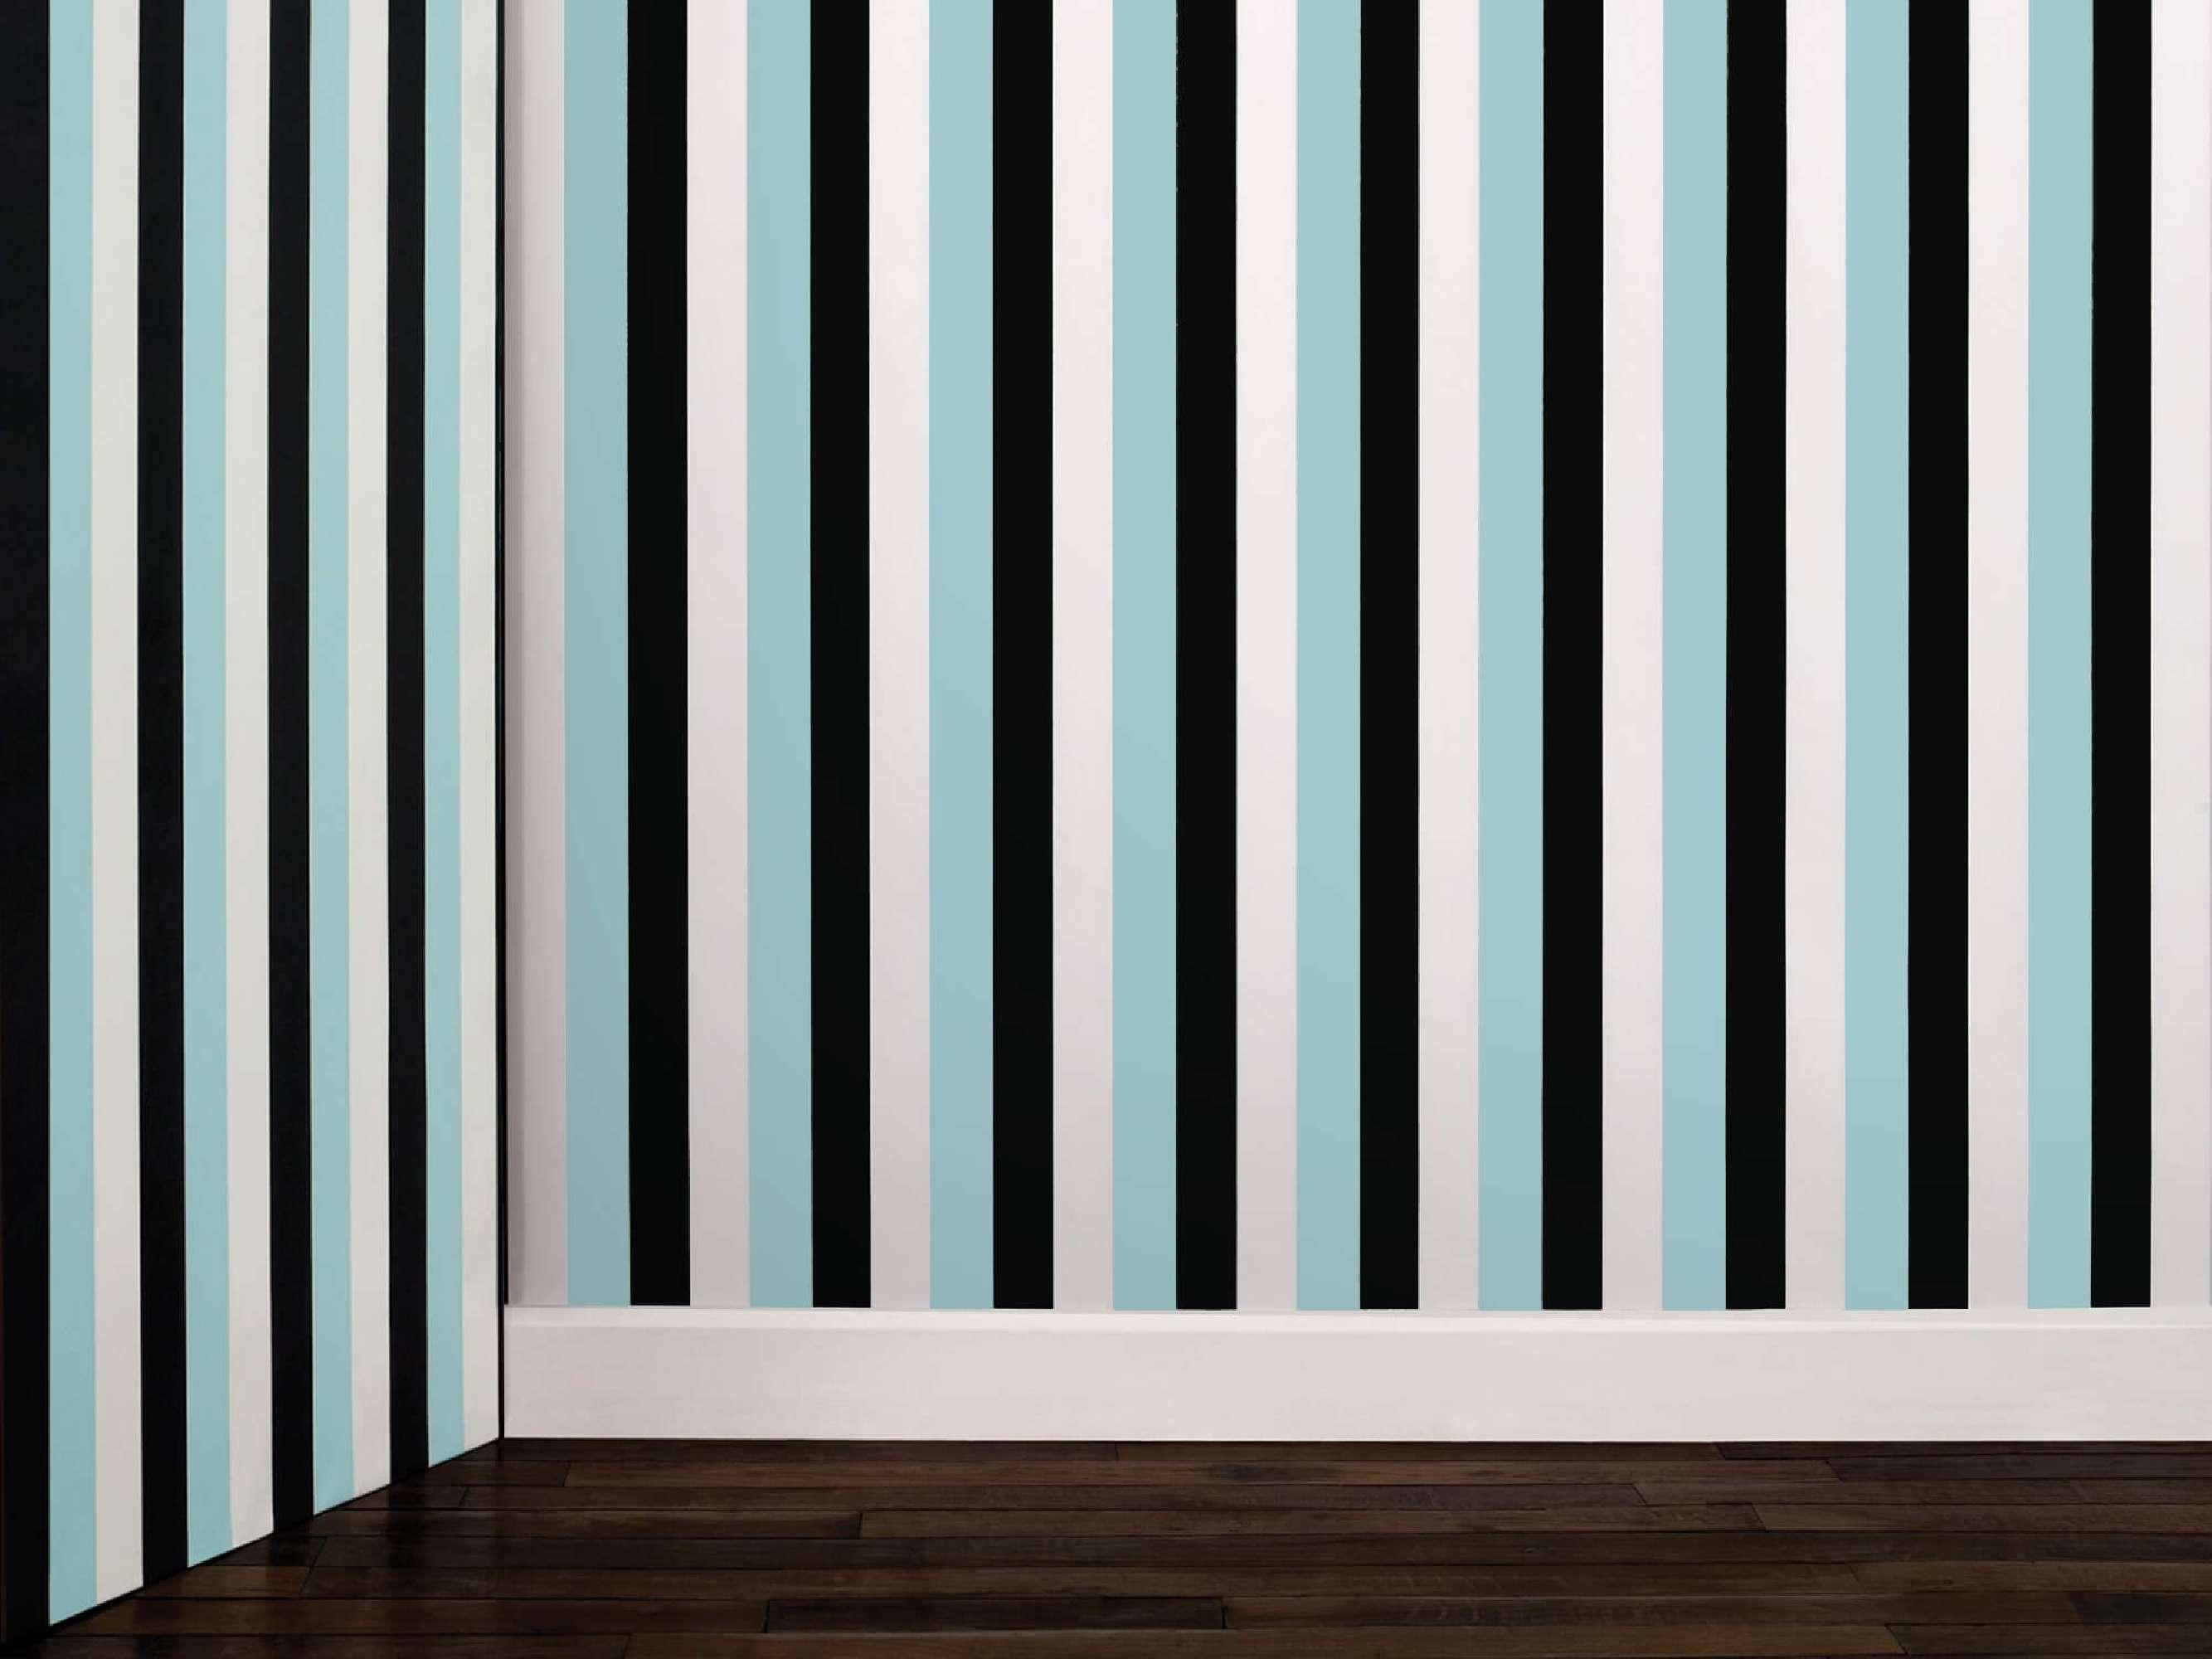 Papier peint linéaire au couleur bleu noir etr blanc le jour et noir et vert phosphorescent la nuit, design ich&kar